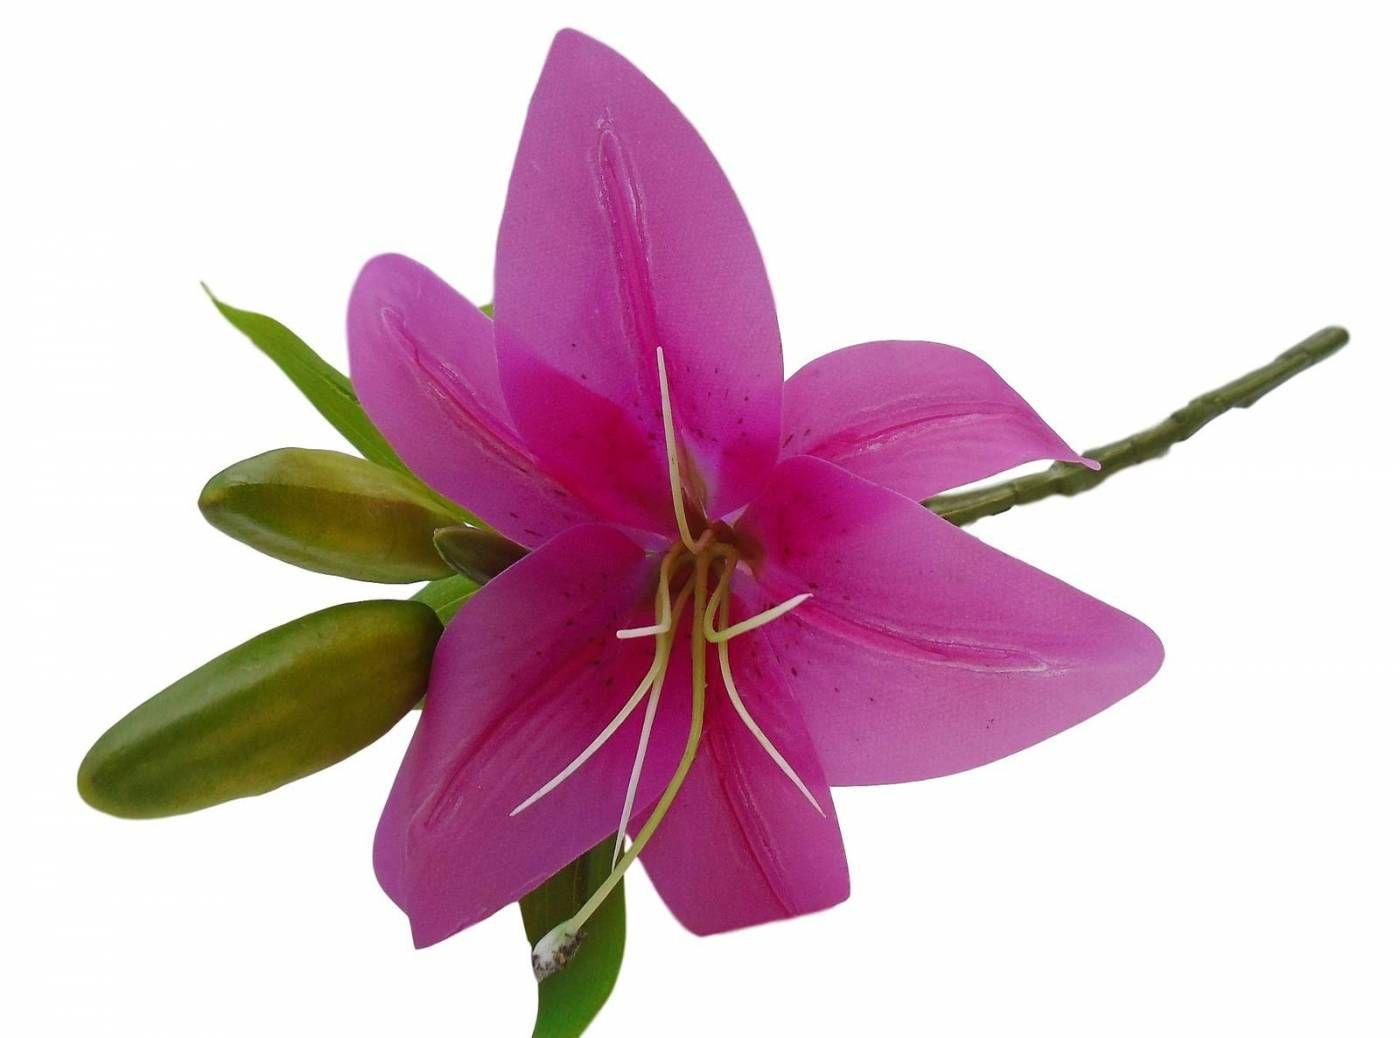 Flor artificial Lírio em silicone toque real para decoração